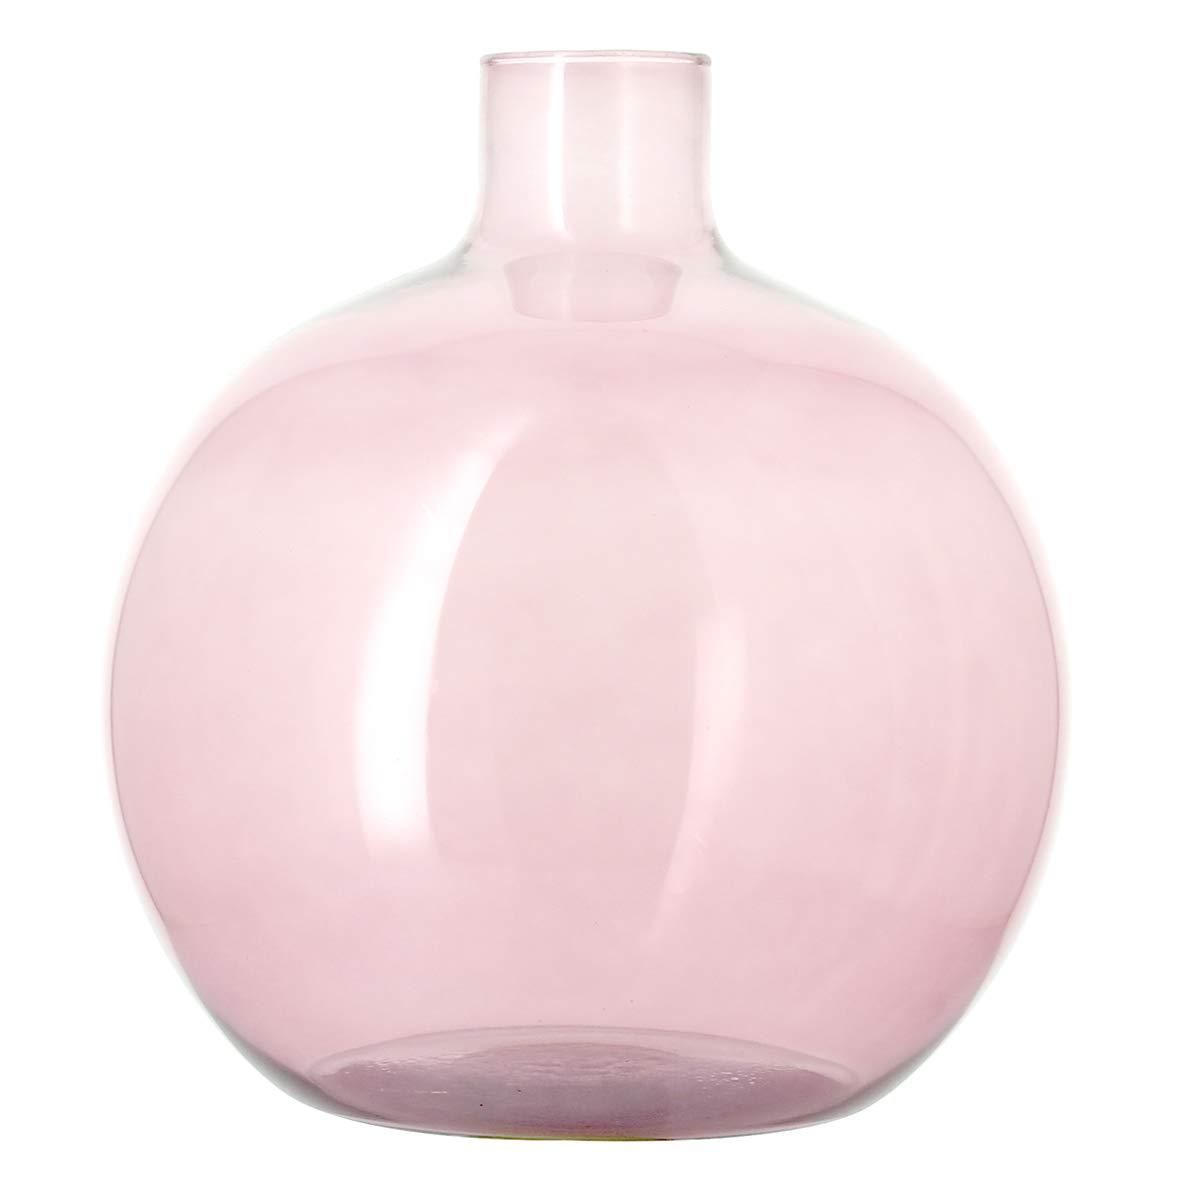 Bruno Evrard Astoria jarrón damajuana Rosa en Cristal Reciclado 35 cm - Alric: Amazon.es: Hogar